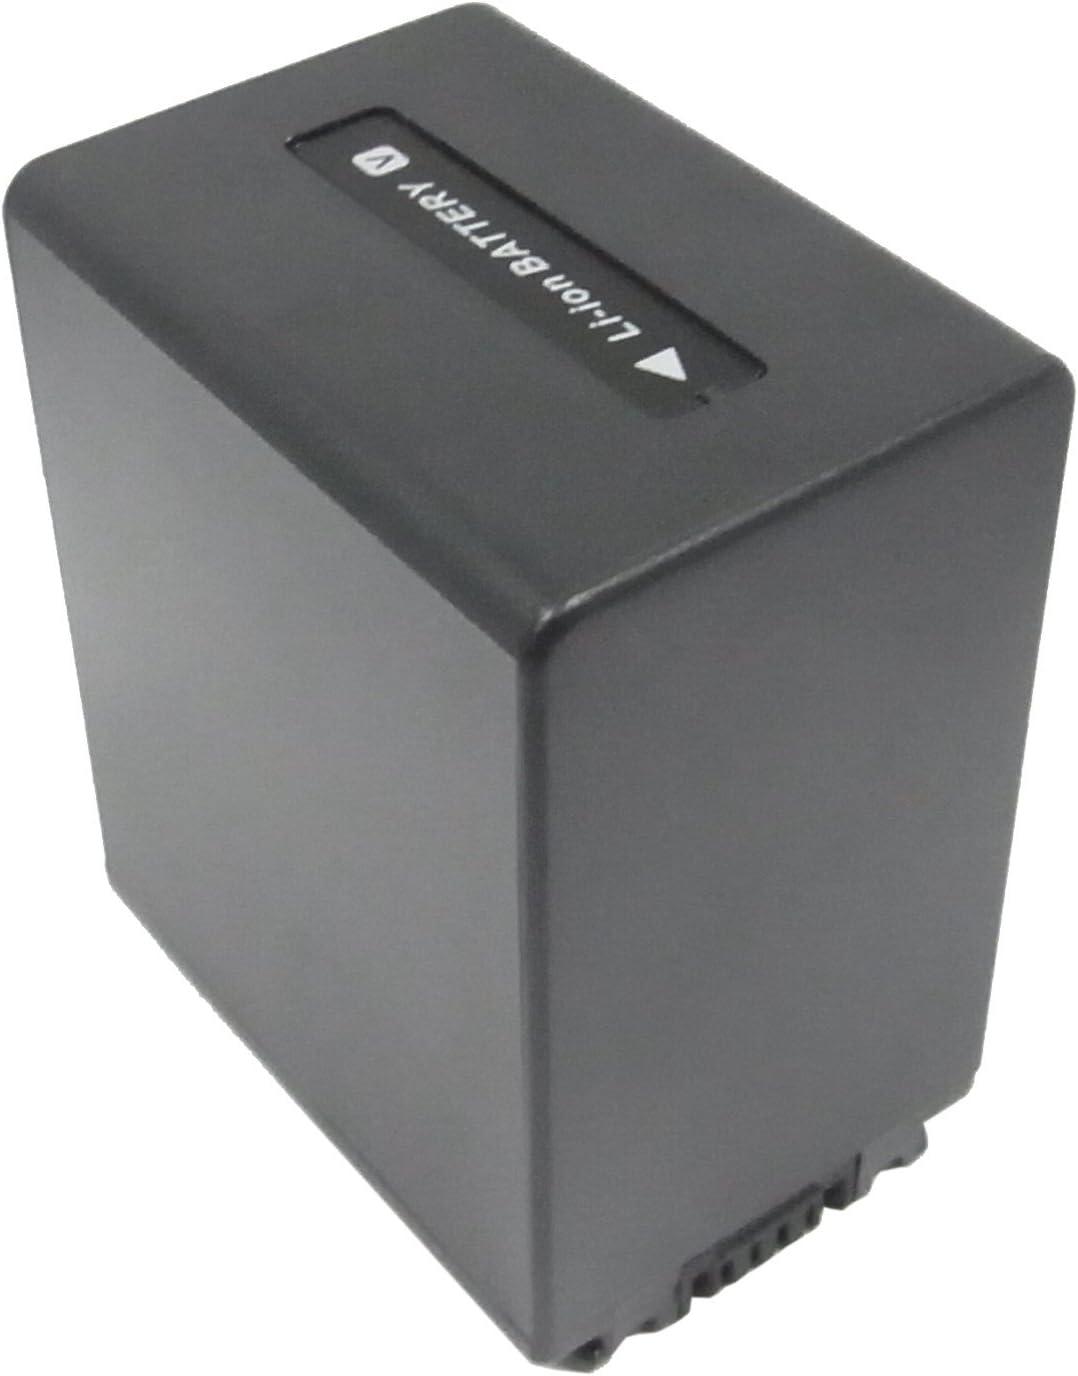 DCR-SR68E DCR-SR78 DCR-SR88E 2200mAh DCR-SR68R DCR-SR60 DCR-SR62 DCR-SR68 HSDZ Battery Suitable for Sony DCR-SR100 DCR-SR68E//S DCR-SR88 DCR-SR300